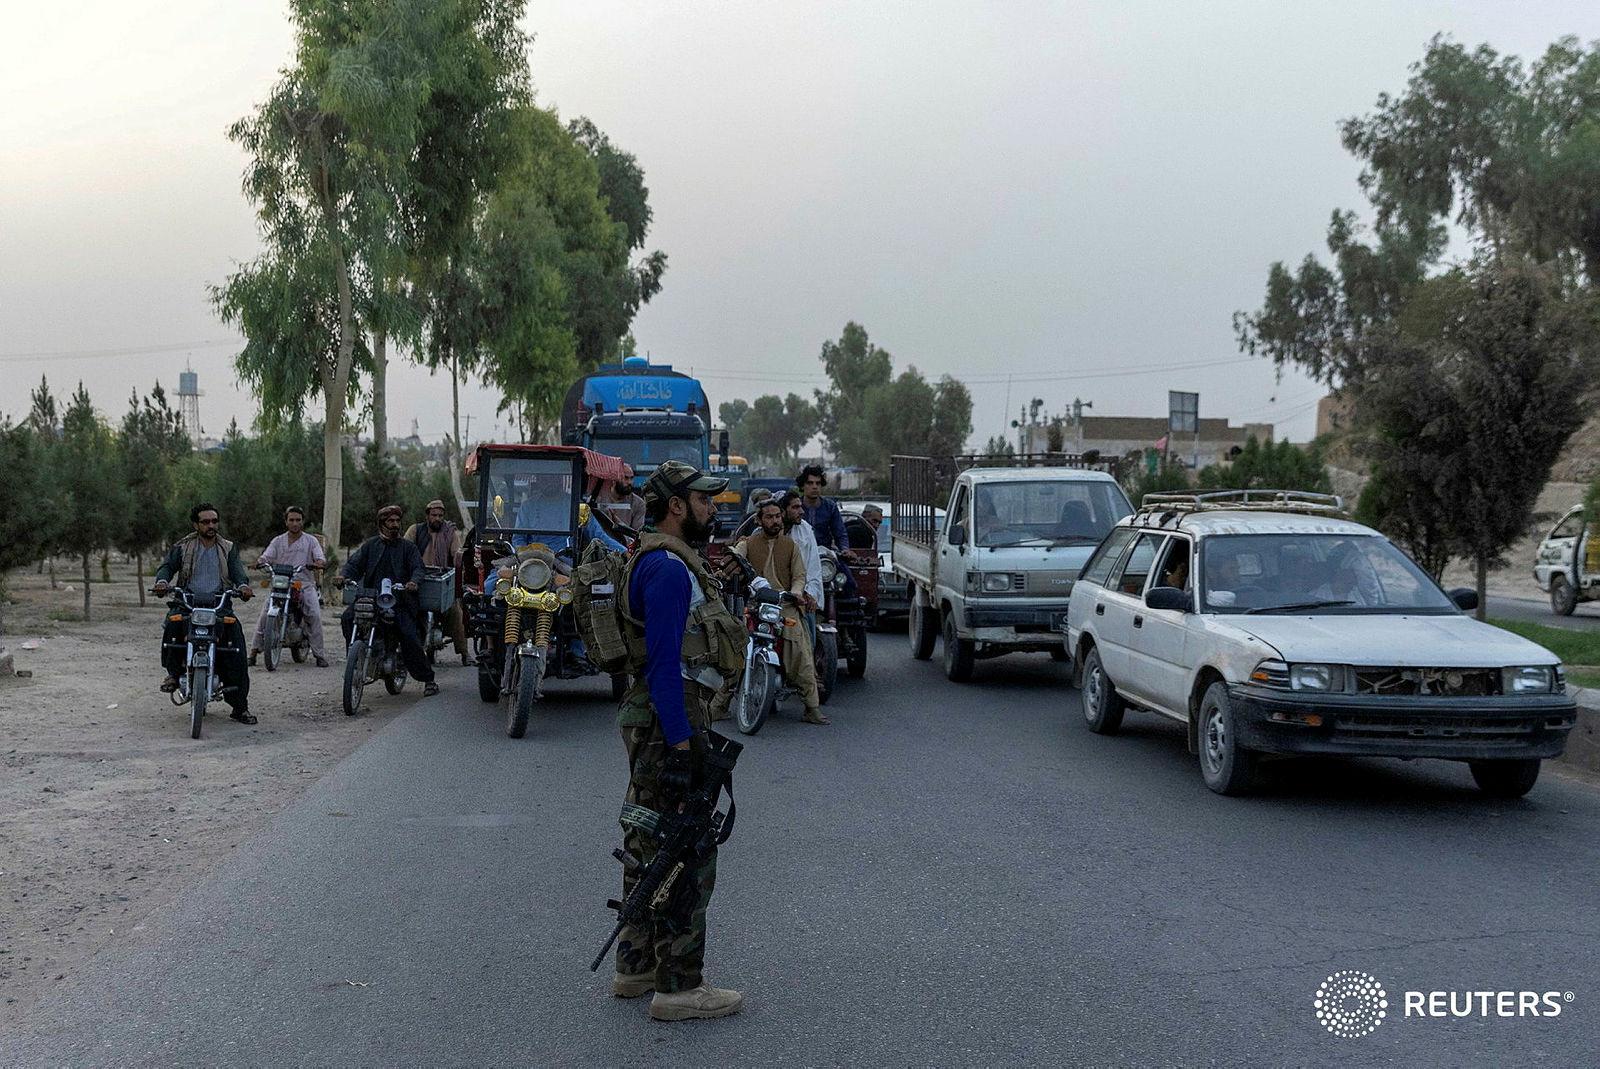 मशहूर भारतीय फोटो पत्रकार दानिश सिद्दीकी की अफगानिस्तान में  मौत - Danish Siddiqui Dies in Afghanistan